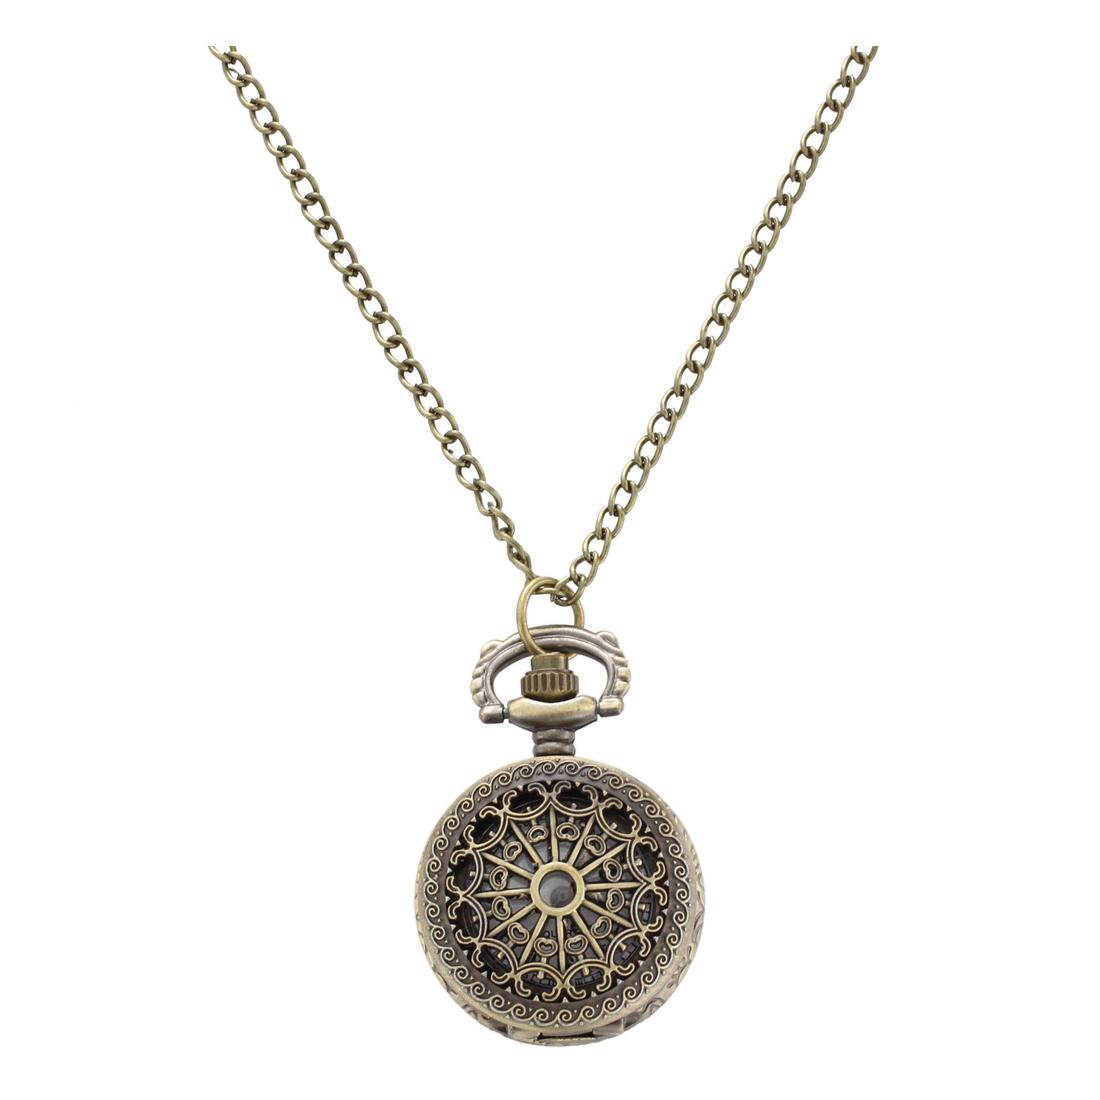 Reloj de bolso de cadena reloj de bolsillo reloj de cuarzo - Reloj de cadena ...